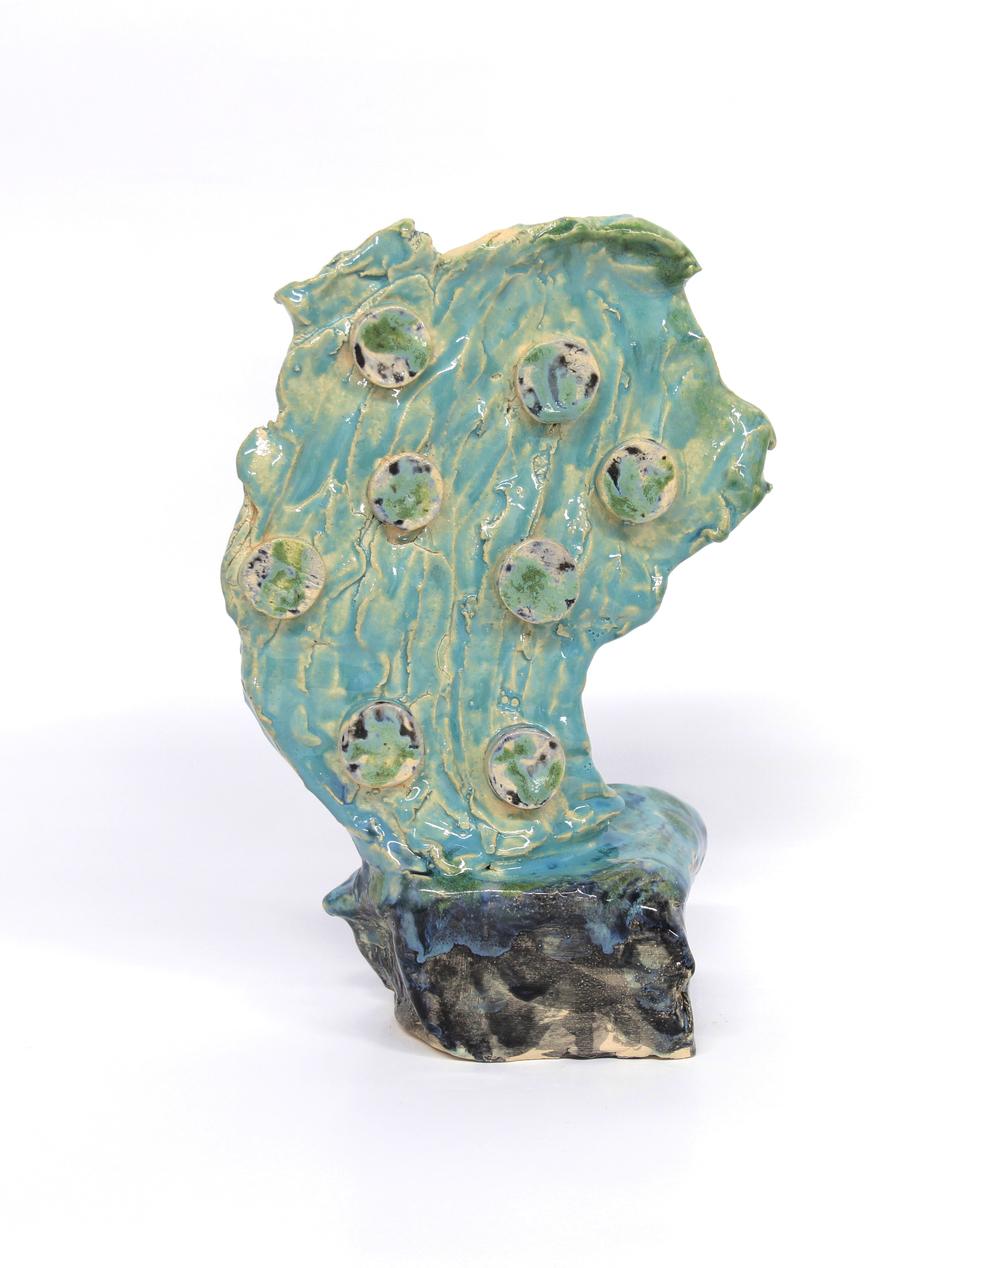 Veronika Hilger - o.T., 2015 - glazed ceramic - 26 x 17 x 8,5 cm